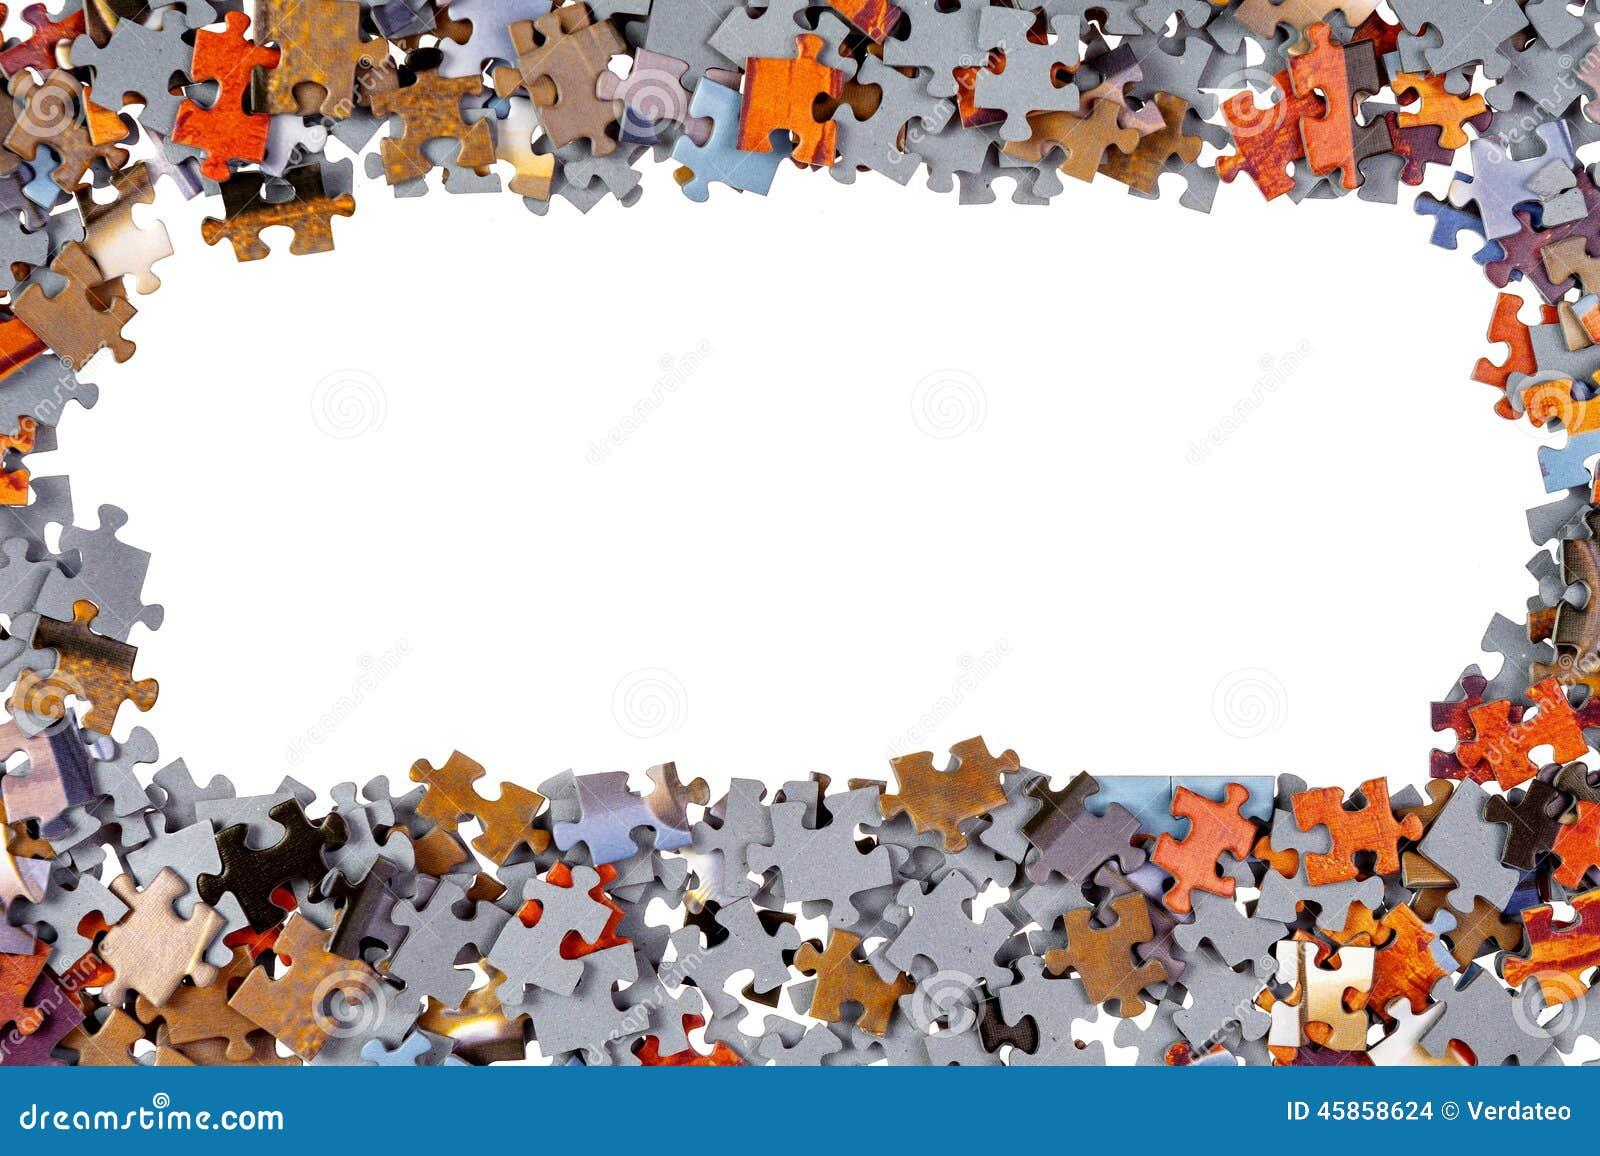 Rahmen von Puzzle-Stücken stockfoto. Bild von hintergrund - 45858624